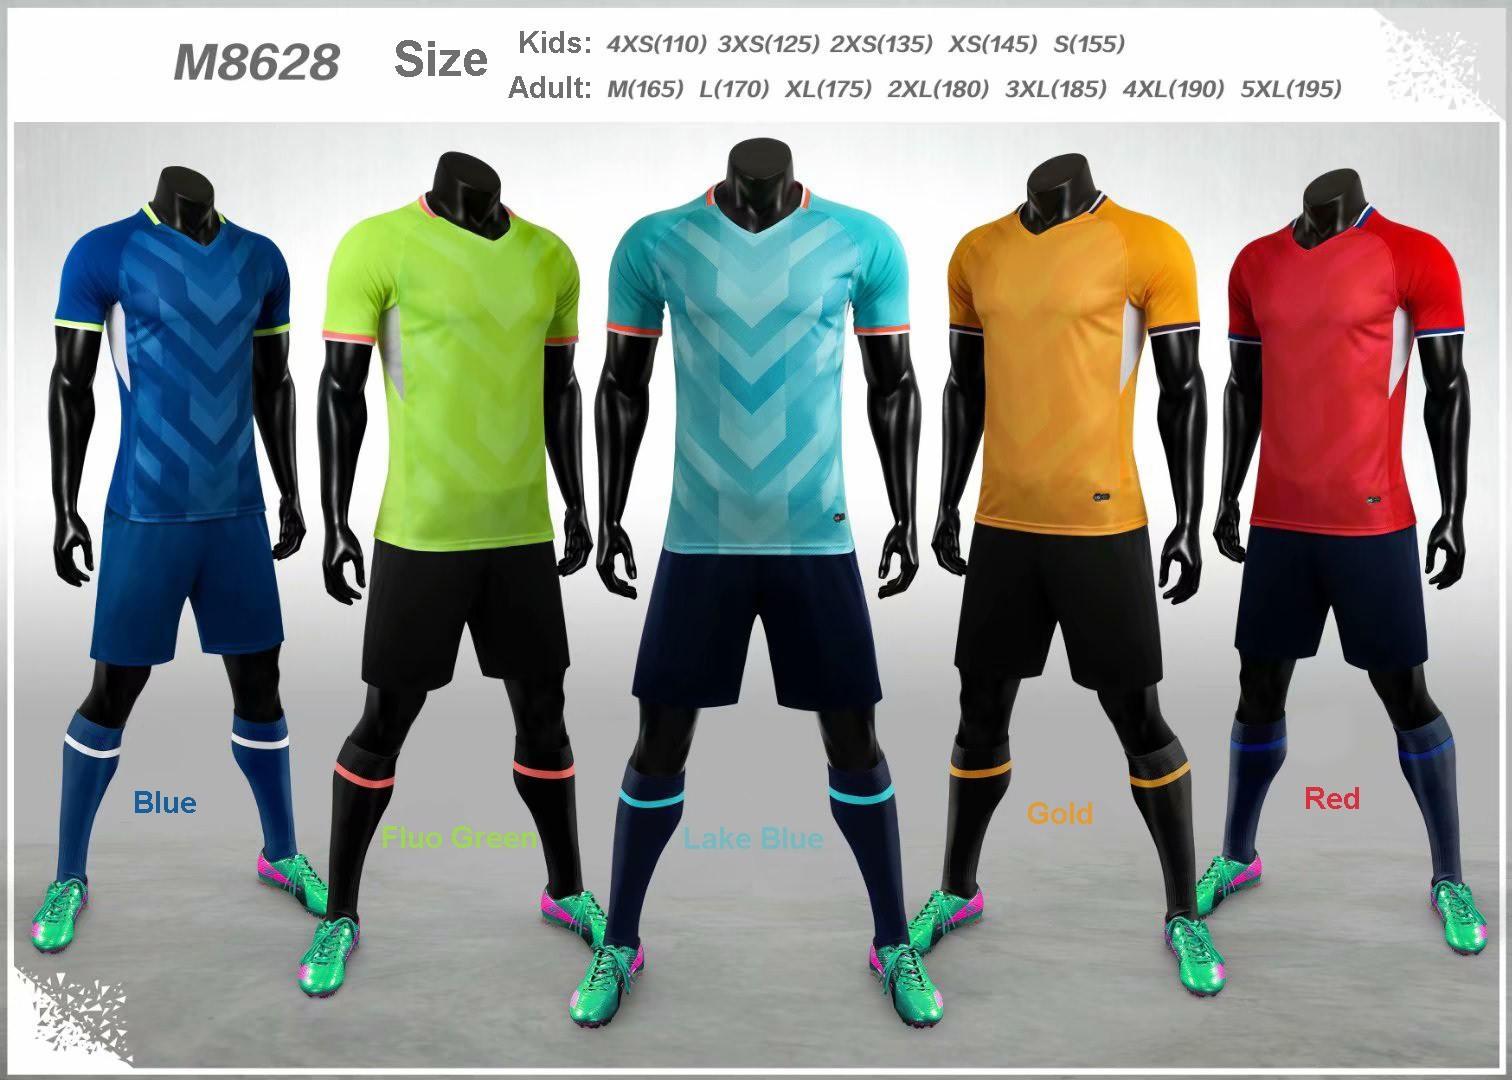 2020-2021 Boş Yetişkin Çocuk Futbol Jersey Seti Futbol Takımı Erkekler Çocuk Futbol Eğitim Üniformalar Seti De Ayak Takımı Özelleştirilmiş M8628